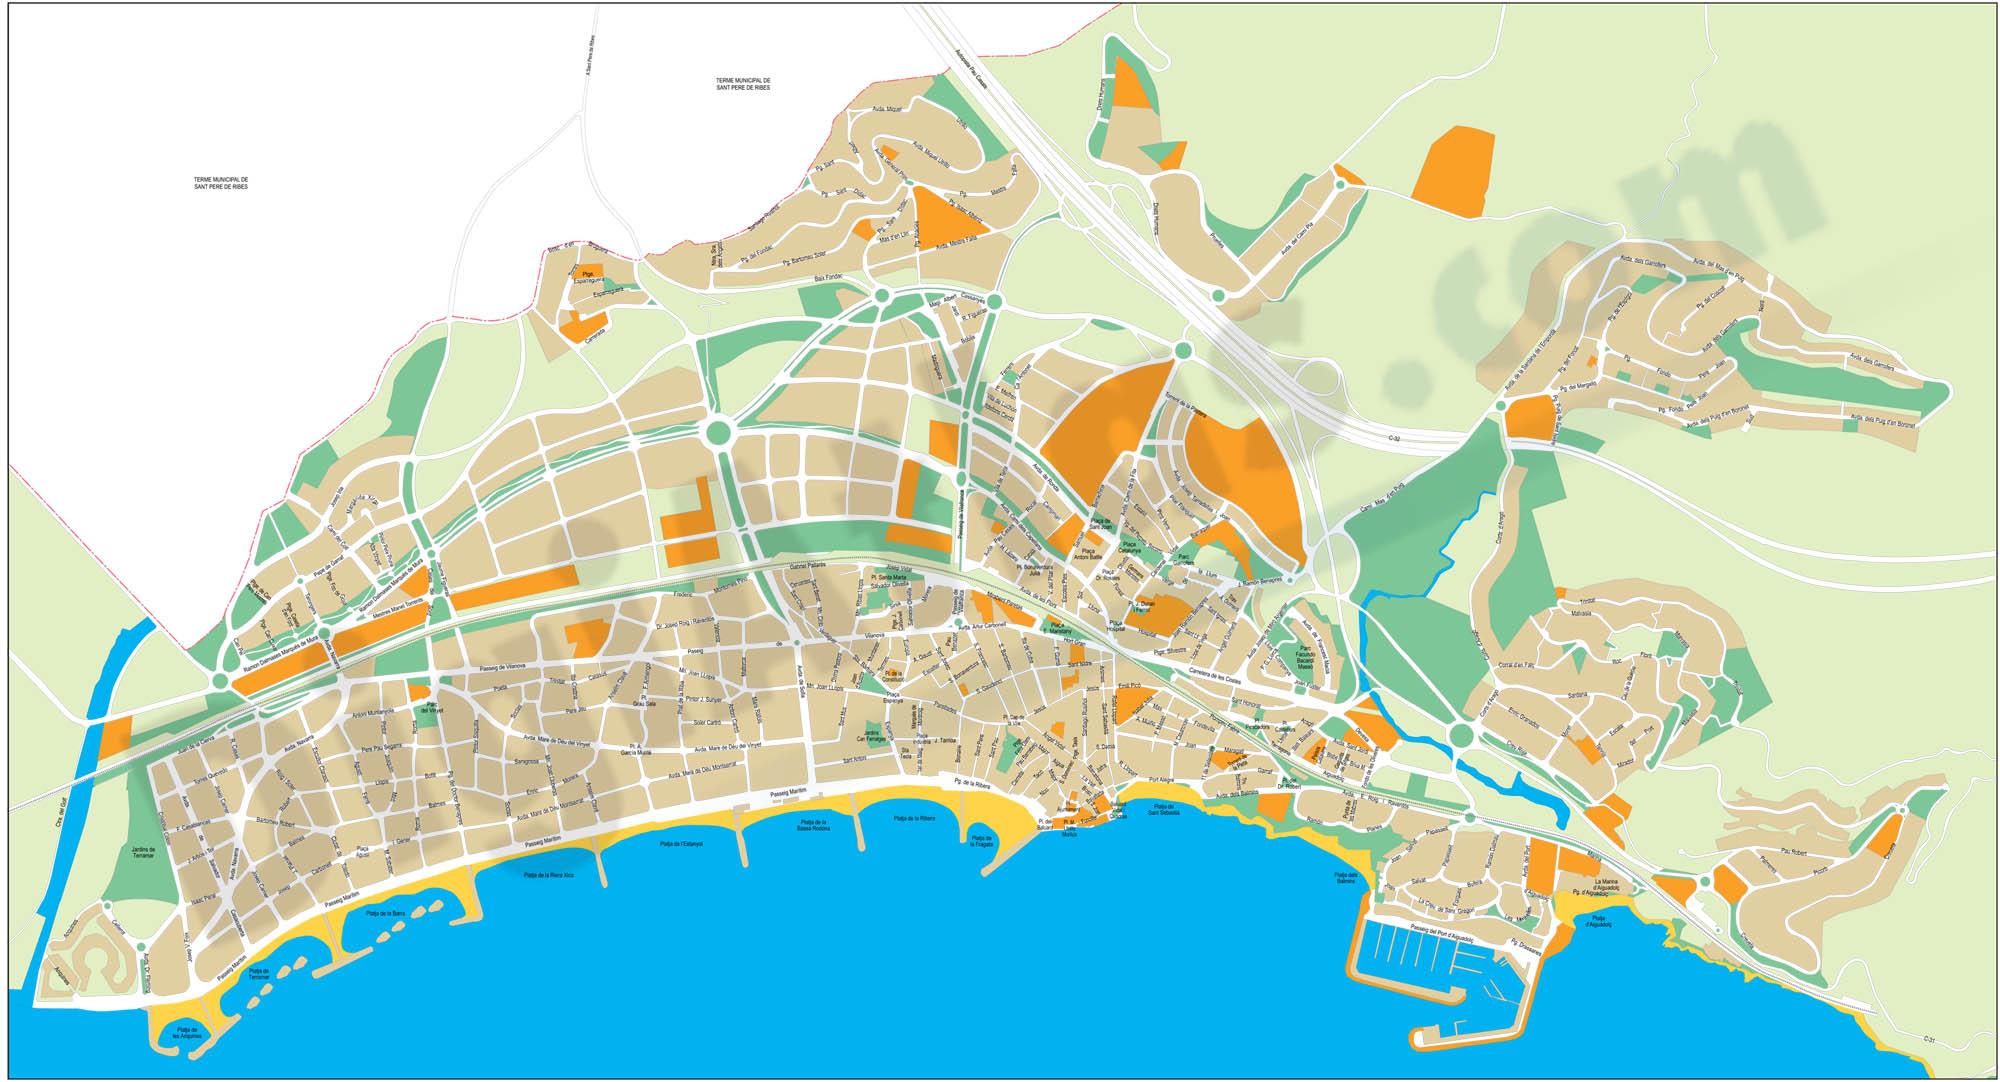 Sitges city map